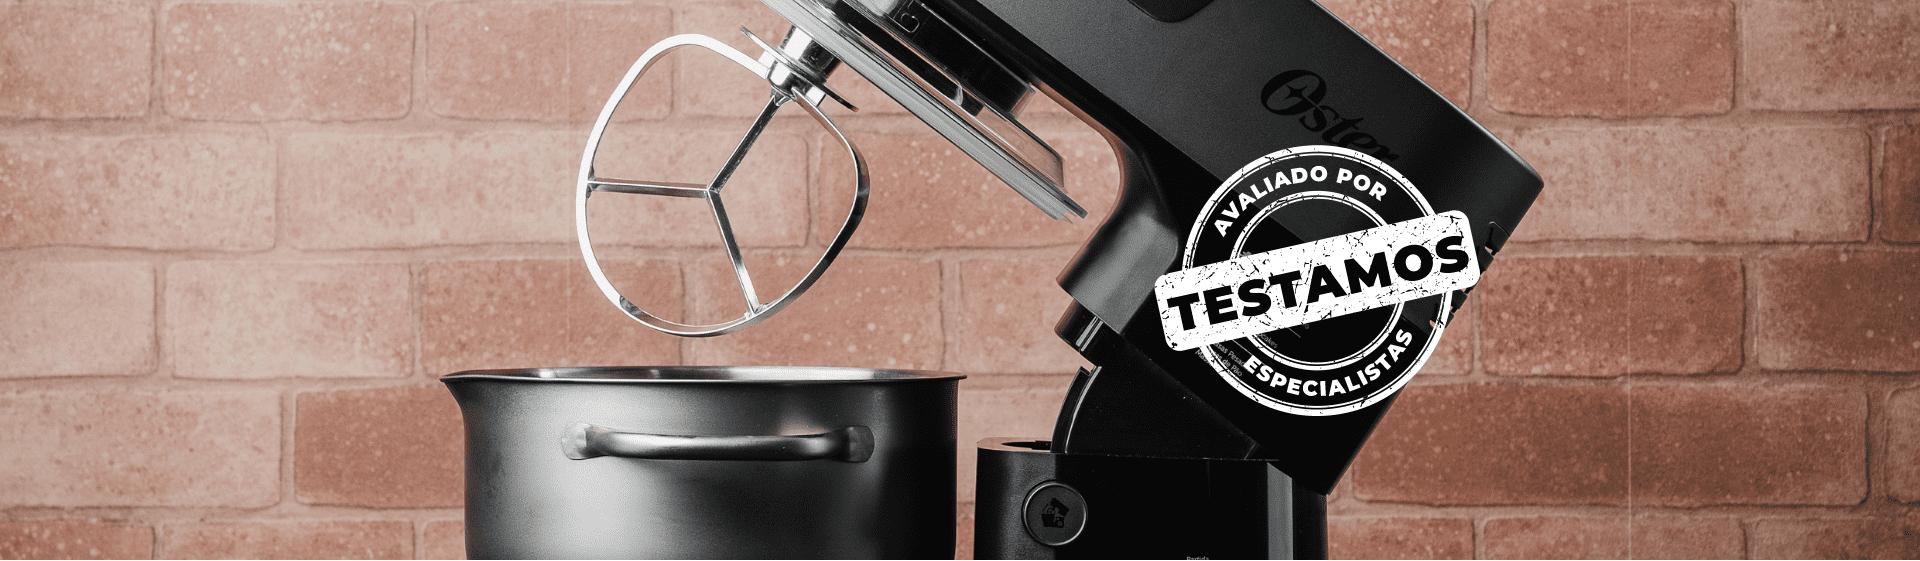 """Batedeira Oster Bowl Inox com batedor em formato de pá aparecendo e selo """"Avaliado por Especialistas"""" carimbado na imagem."""